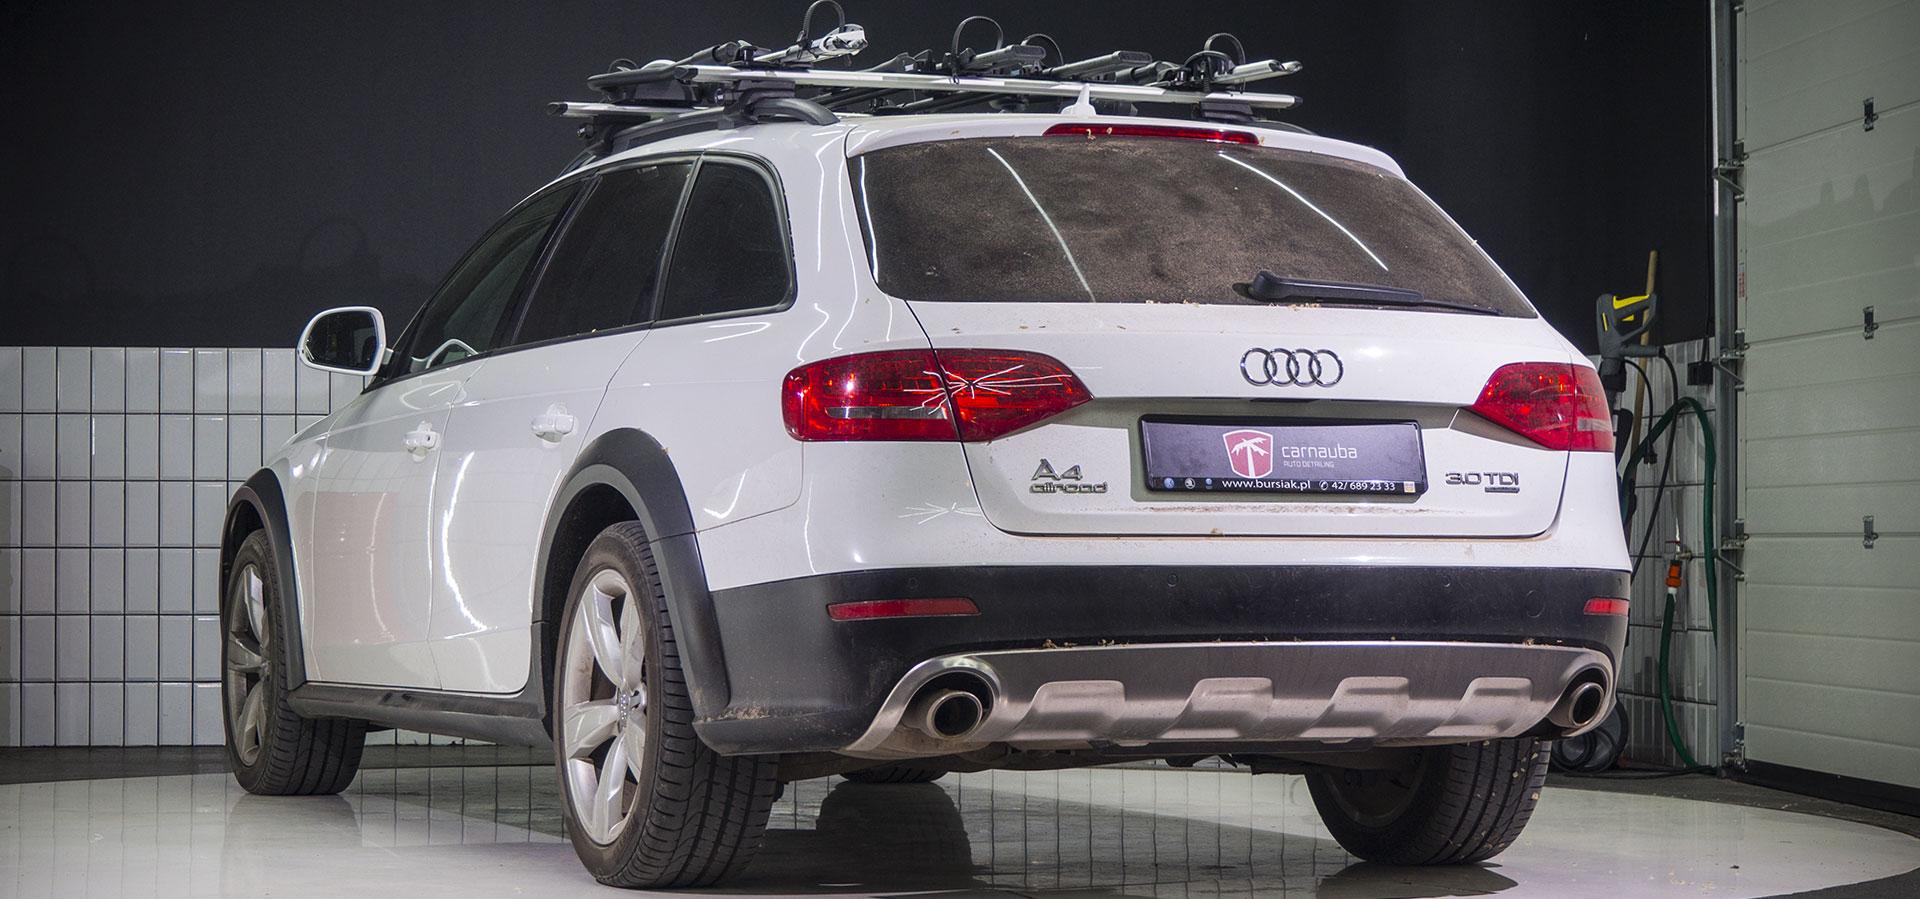 Audi A4 Allroad - przed myciem